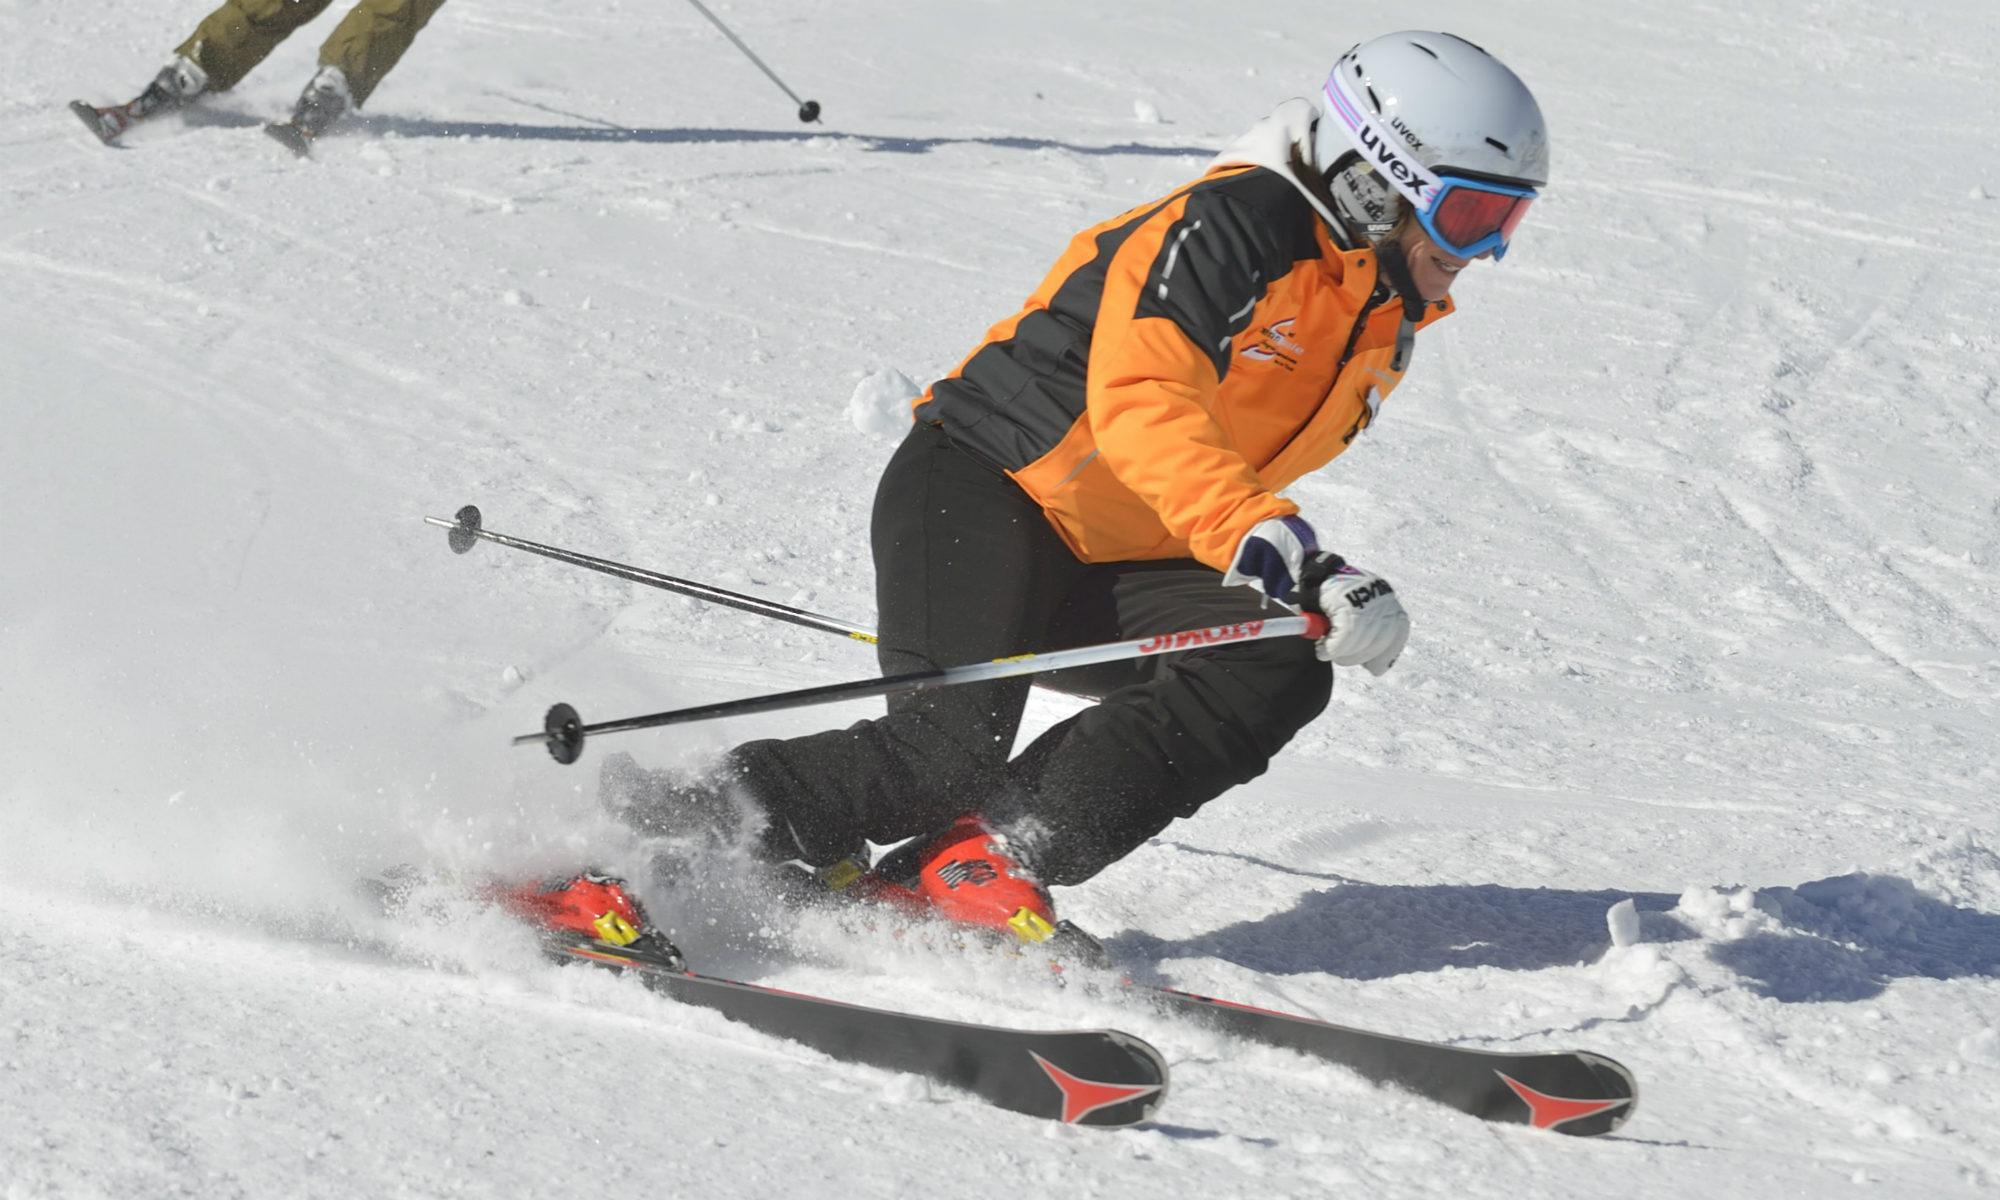 Winterurlaub tipps und versicherungen für skifahrer lamie